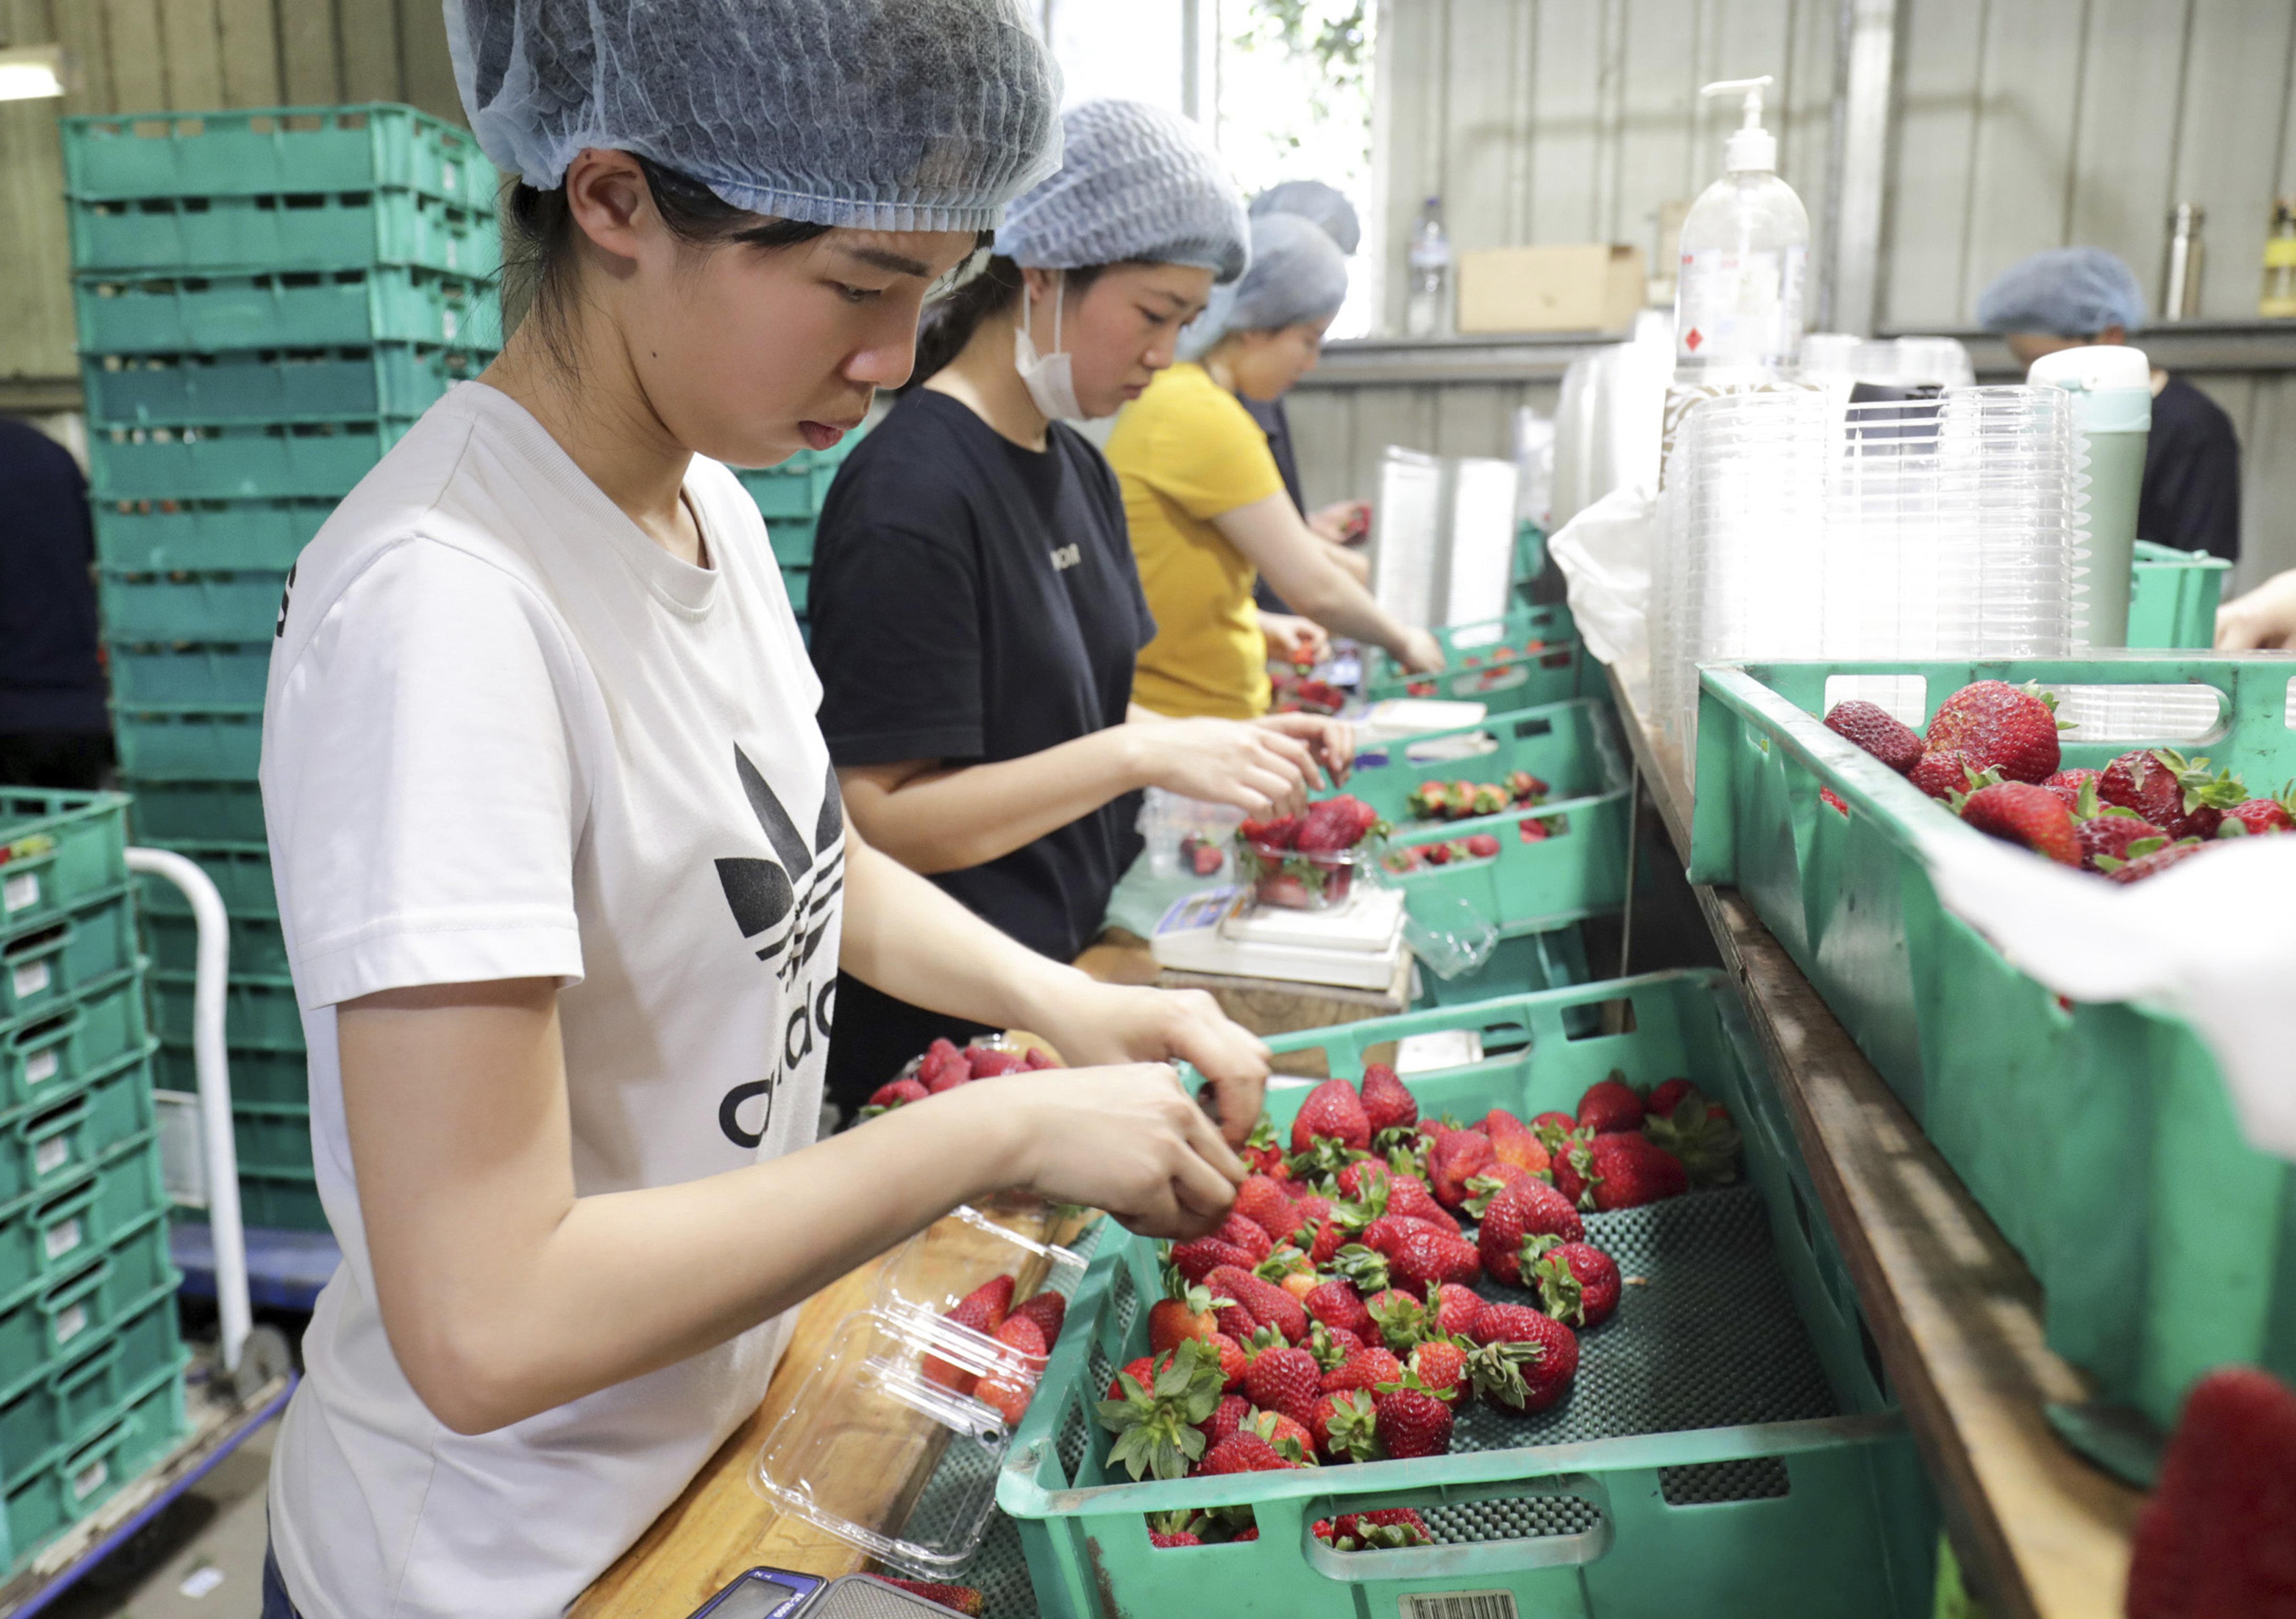 Workers sort strawberries (file